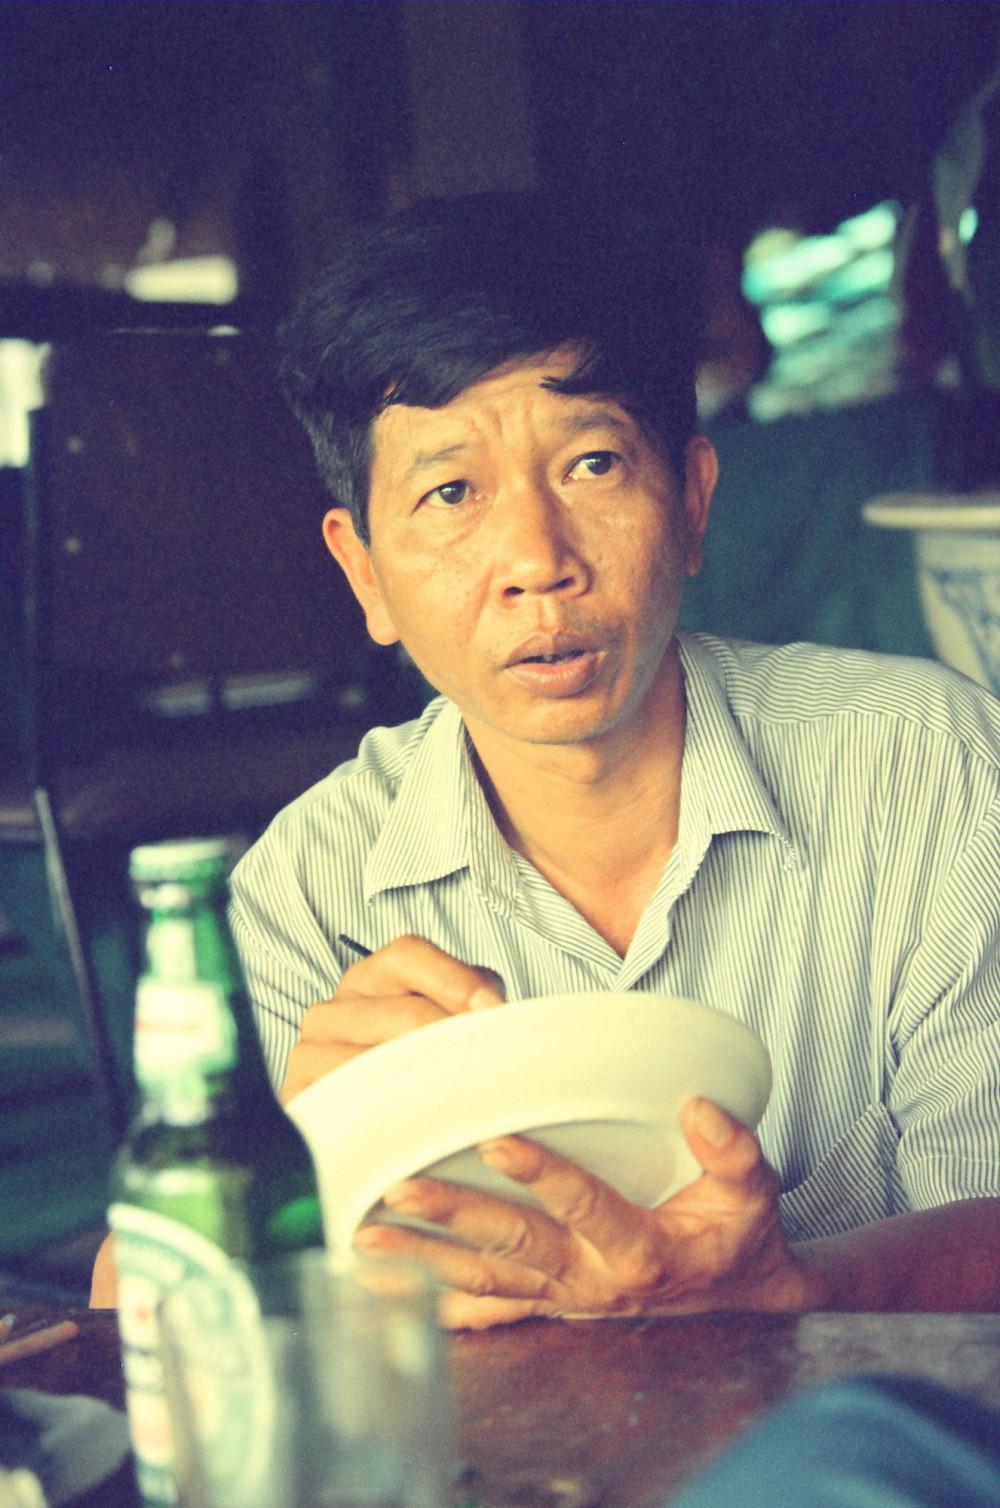 Nhà văn Nguyễn Huy Thiệp (ảnh chụp năm 1997) - Ảnh: Nguyễn Đình Toán